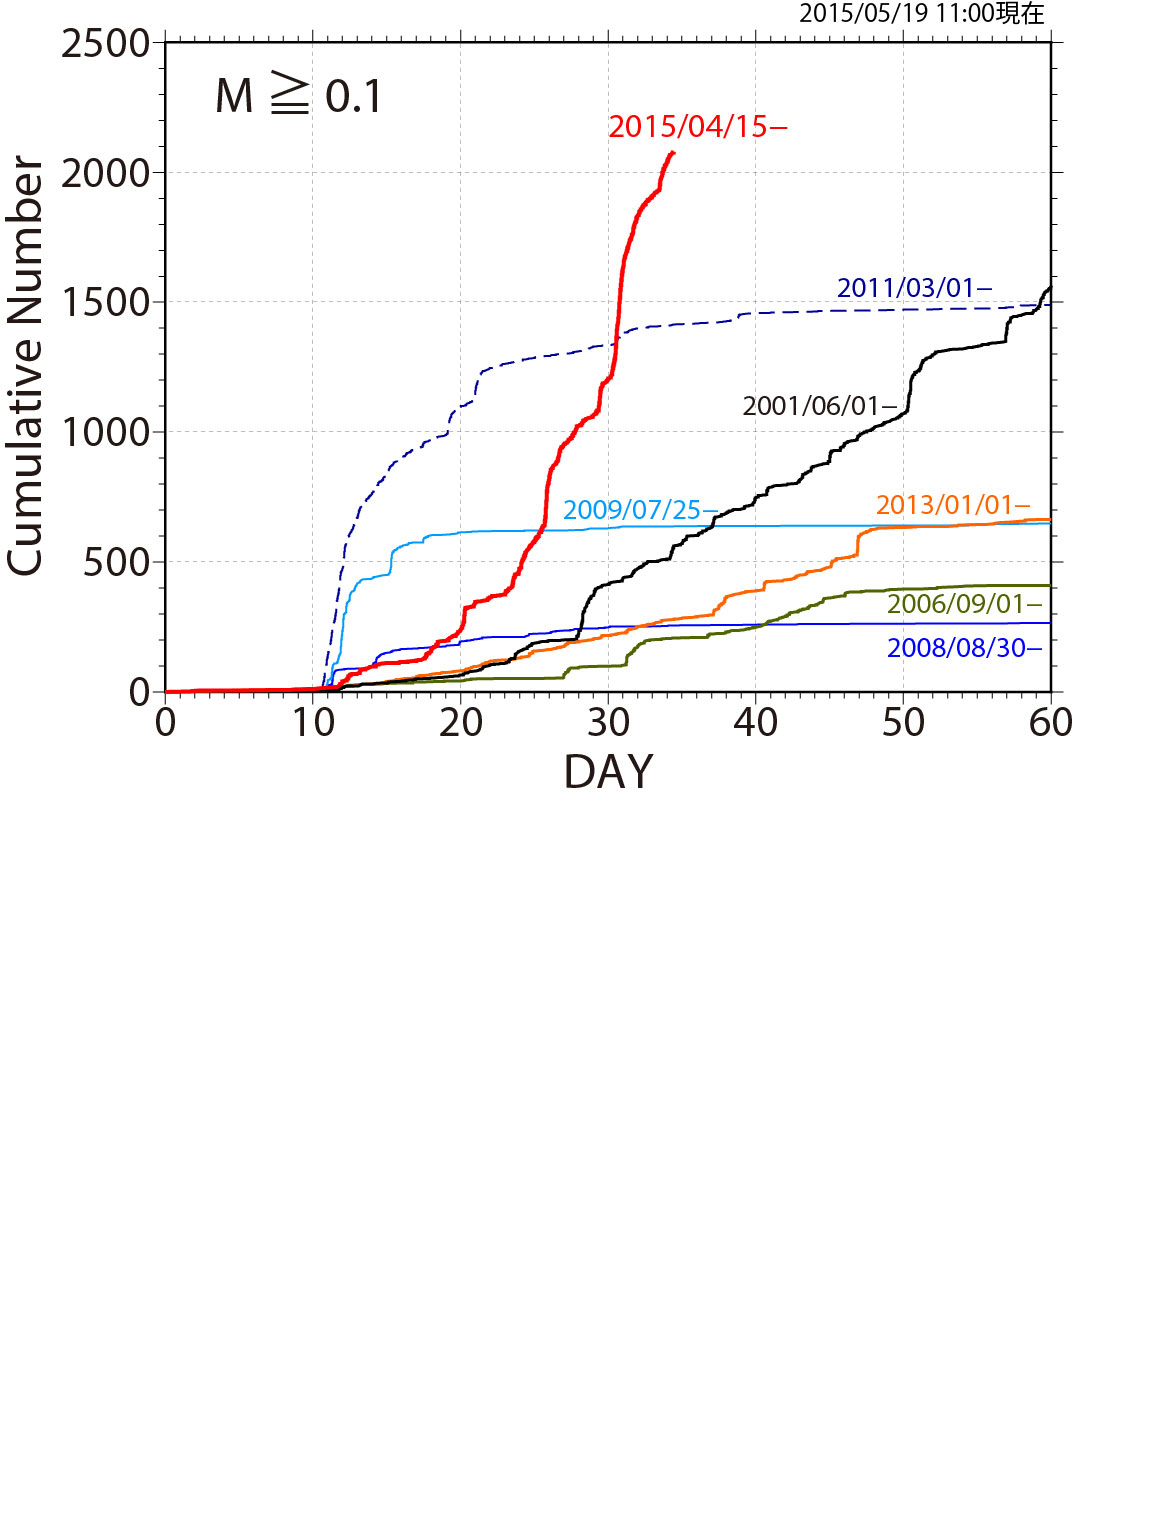 地震の積算数の時間変化